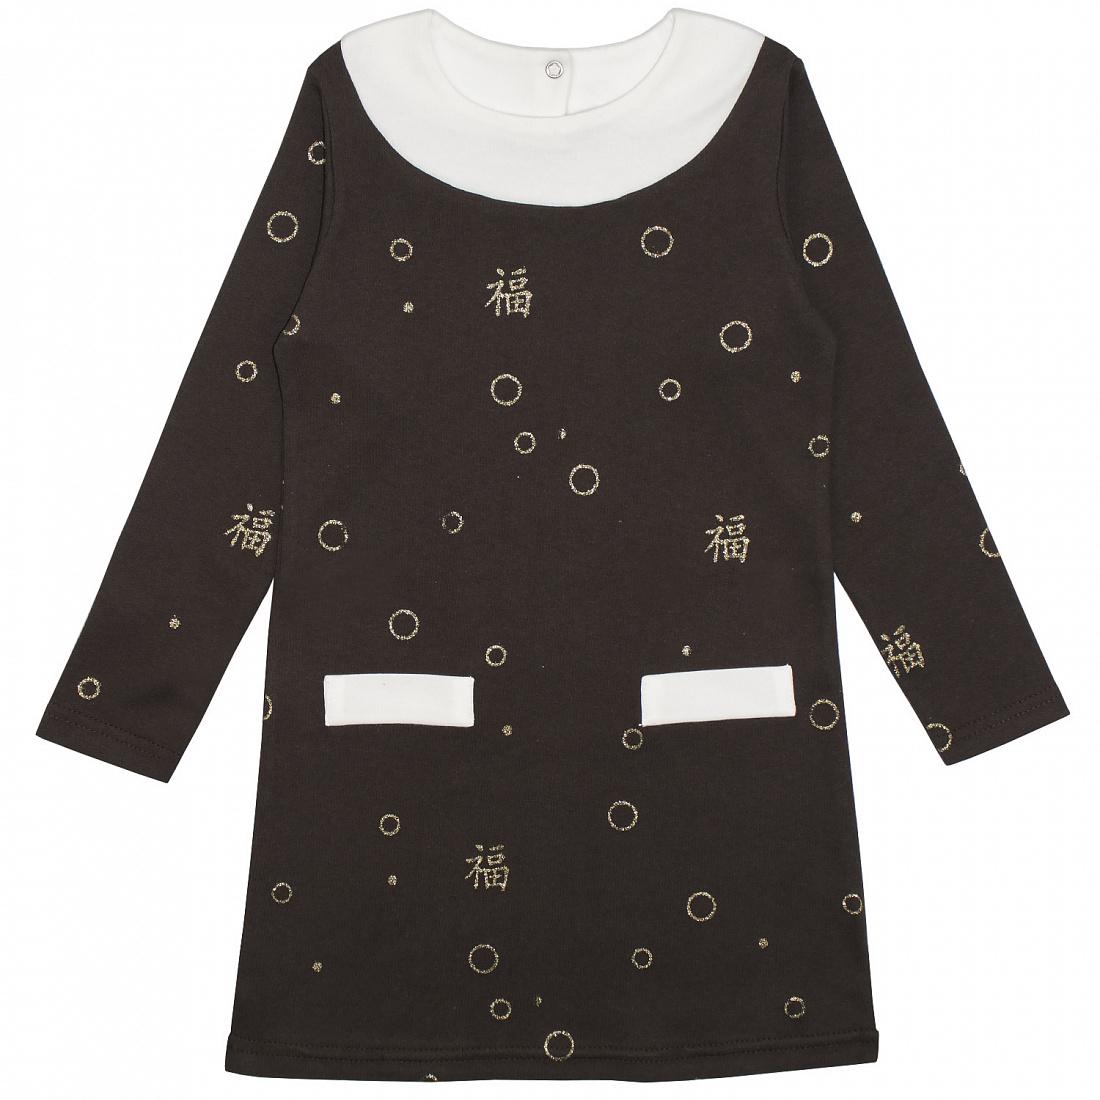 502и, Платье детское Юлла, цв. коричневый р. 122, Платья для девочек  - купить со скидкой